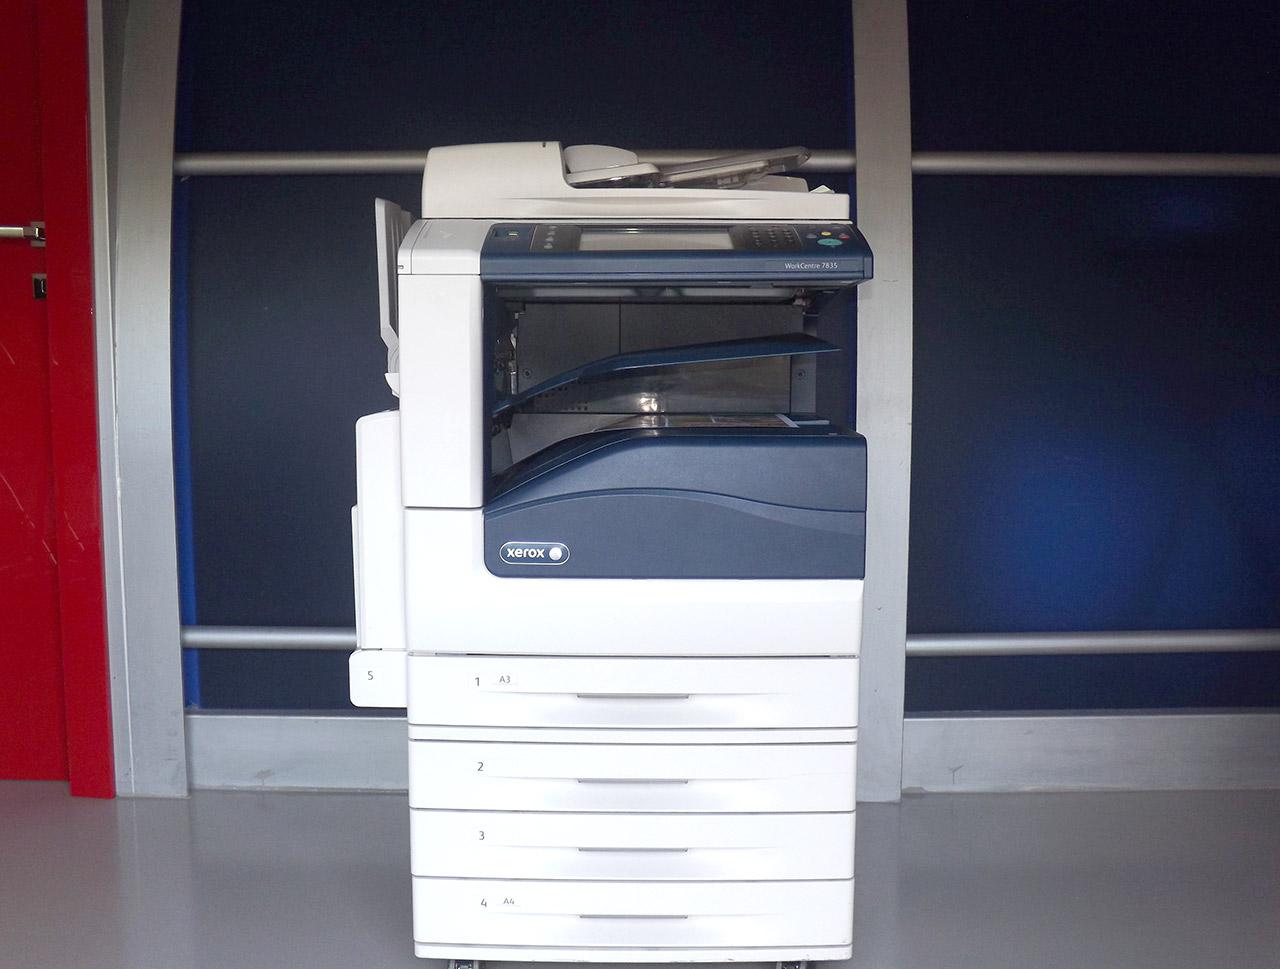 Xerox WorkCentre 7830 usato garantito - Vista fronte